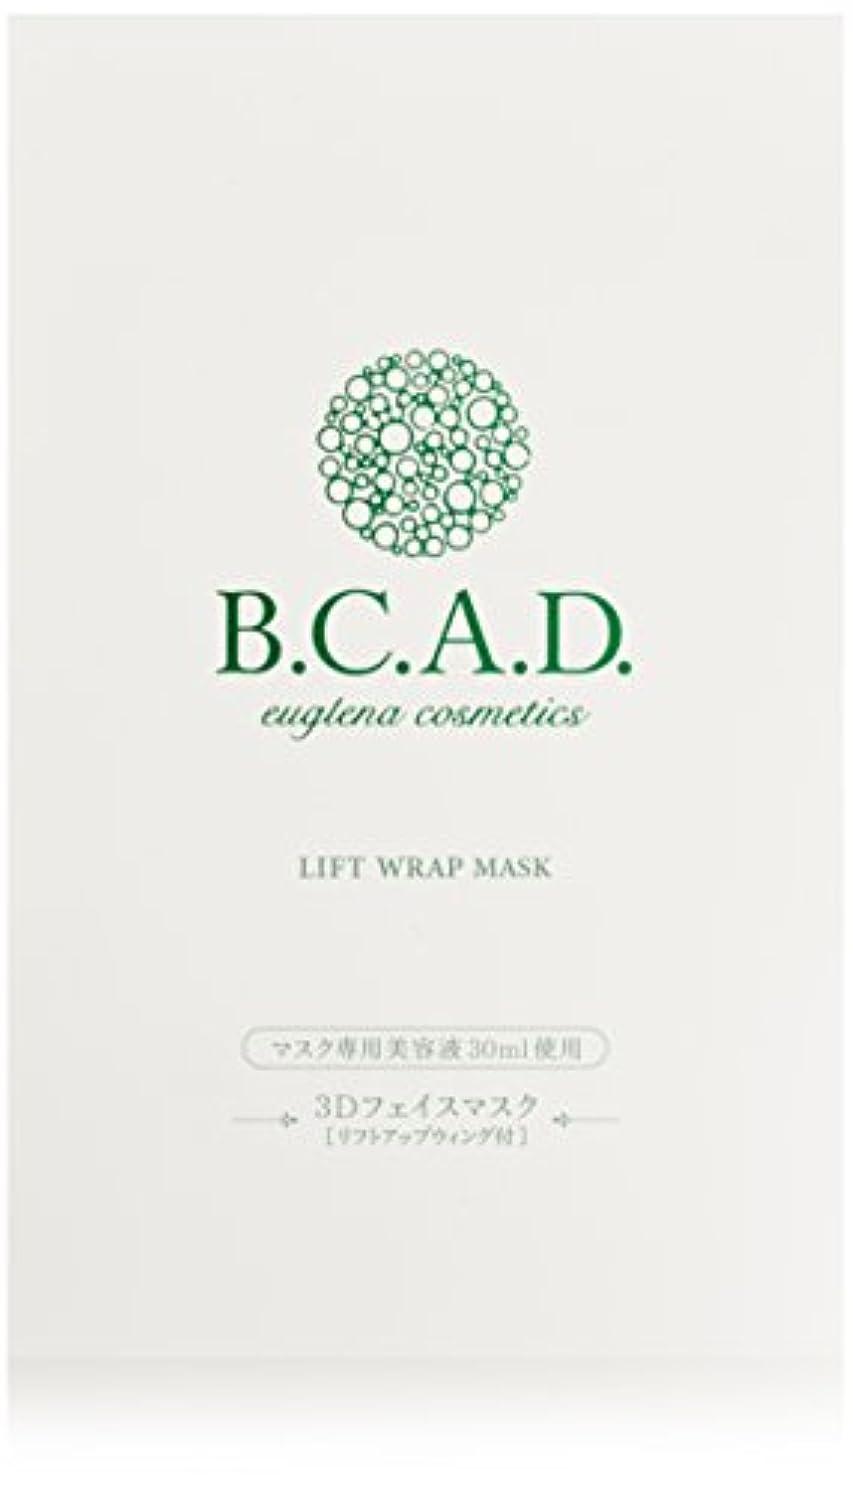 厳系統的期待するビーシーエーディー B.C.A.D. リフトラップマスク 1箱 5枚